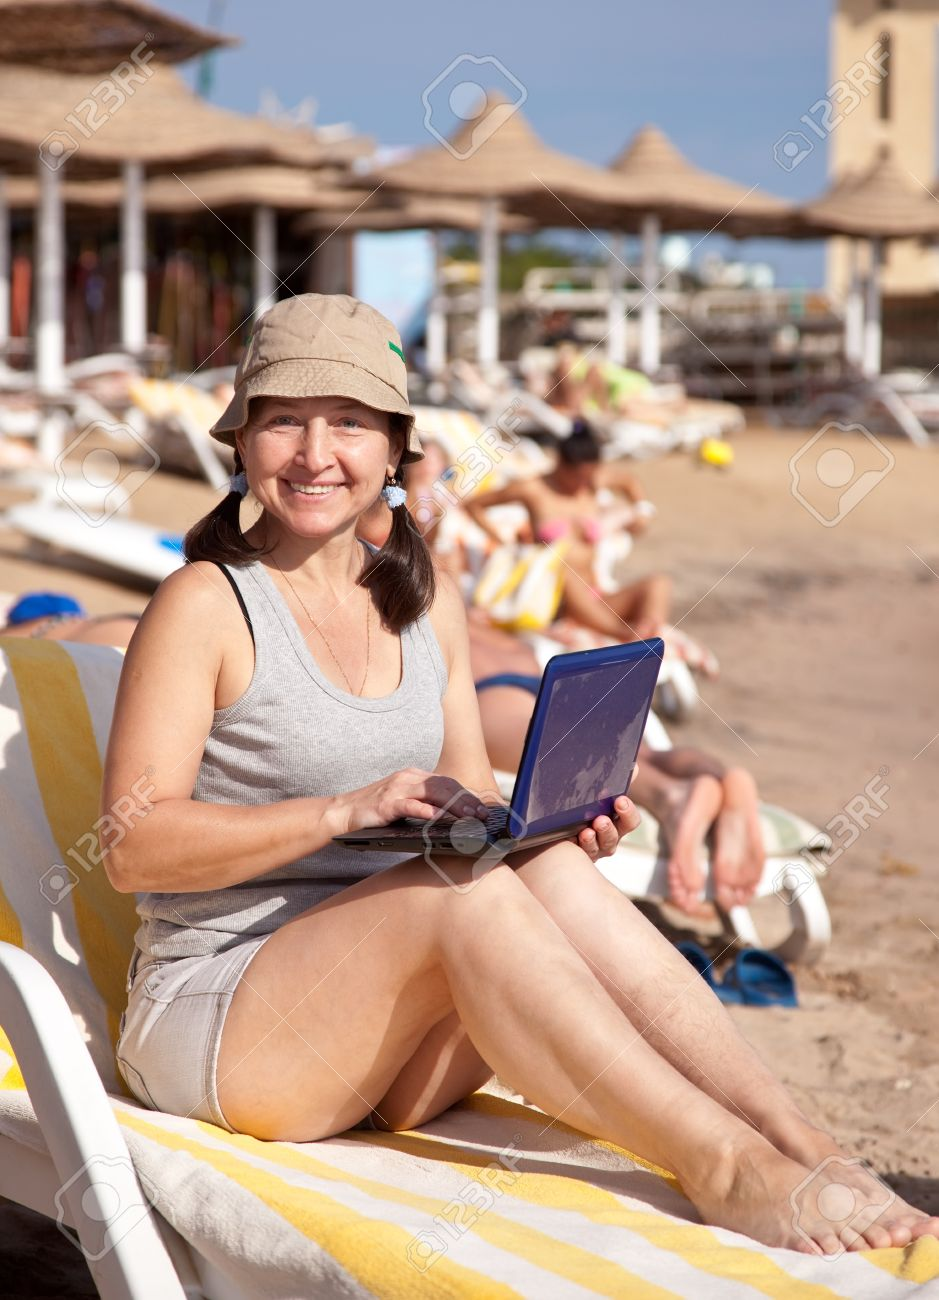 Фото женщин пожилых на пляже